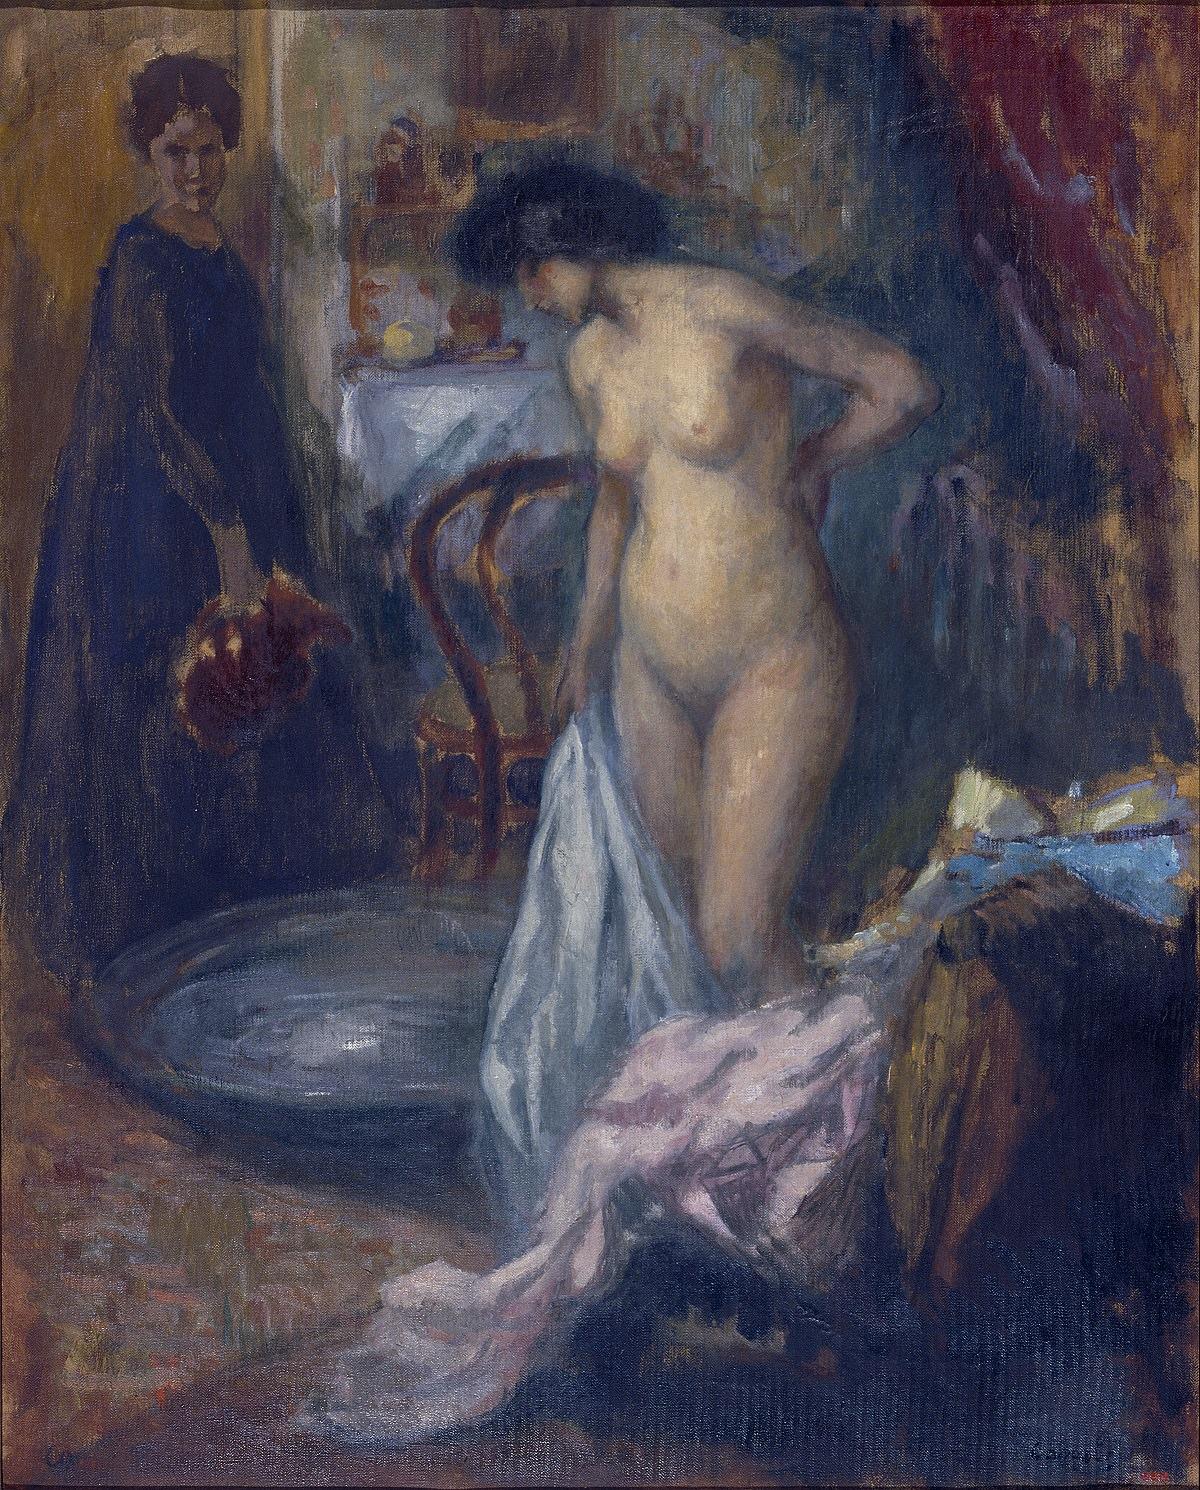 Рикард Каналс. Ванна. Ок. 1905. Национальный музей искусства Каталонии, Барселона